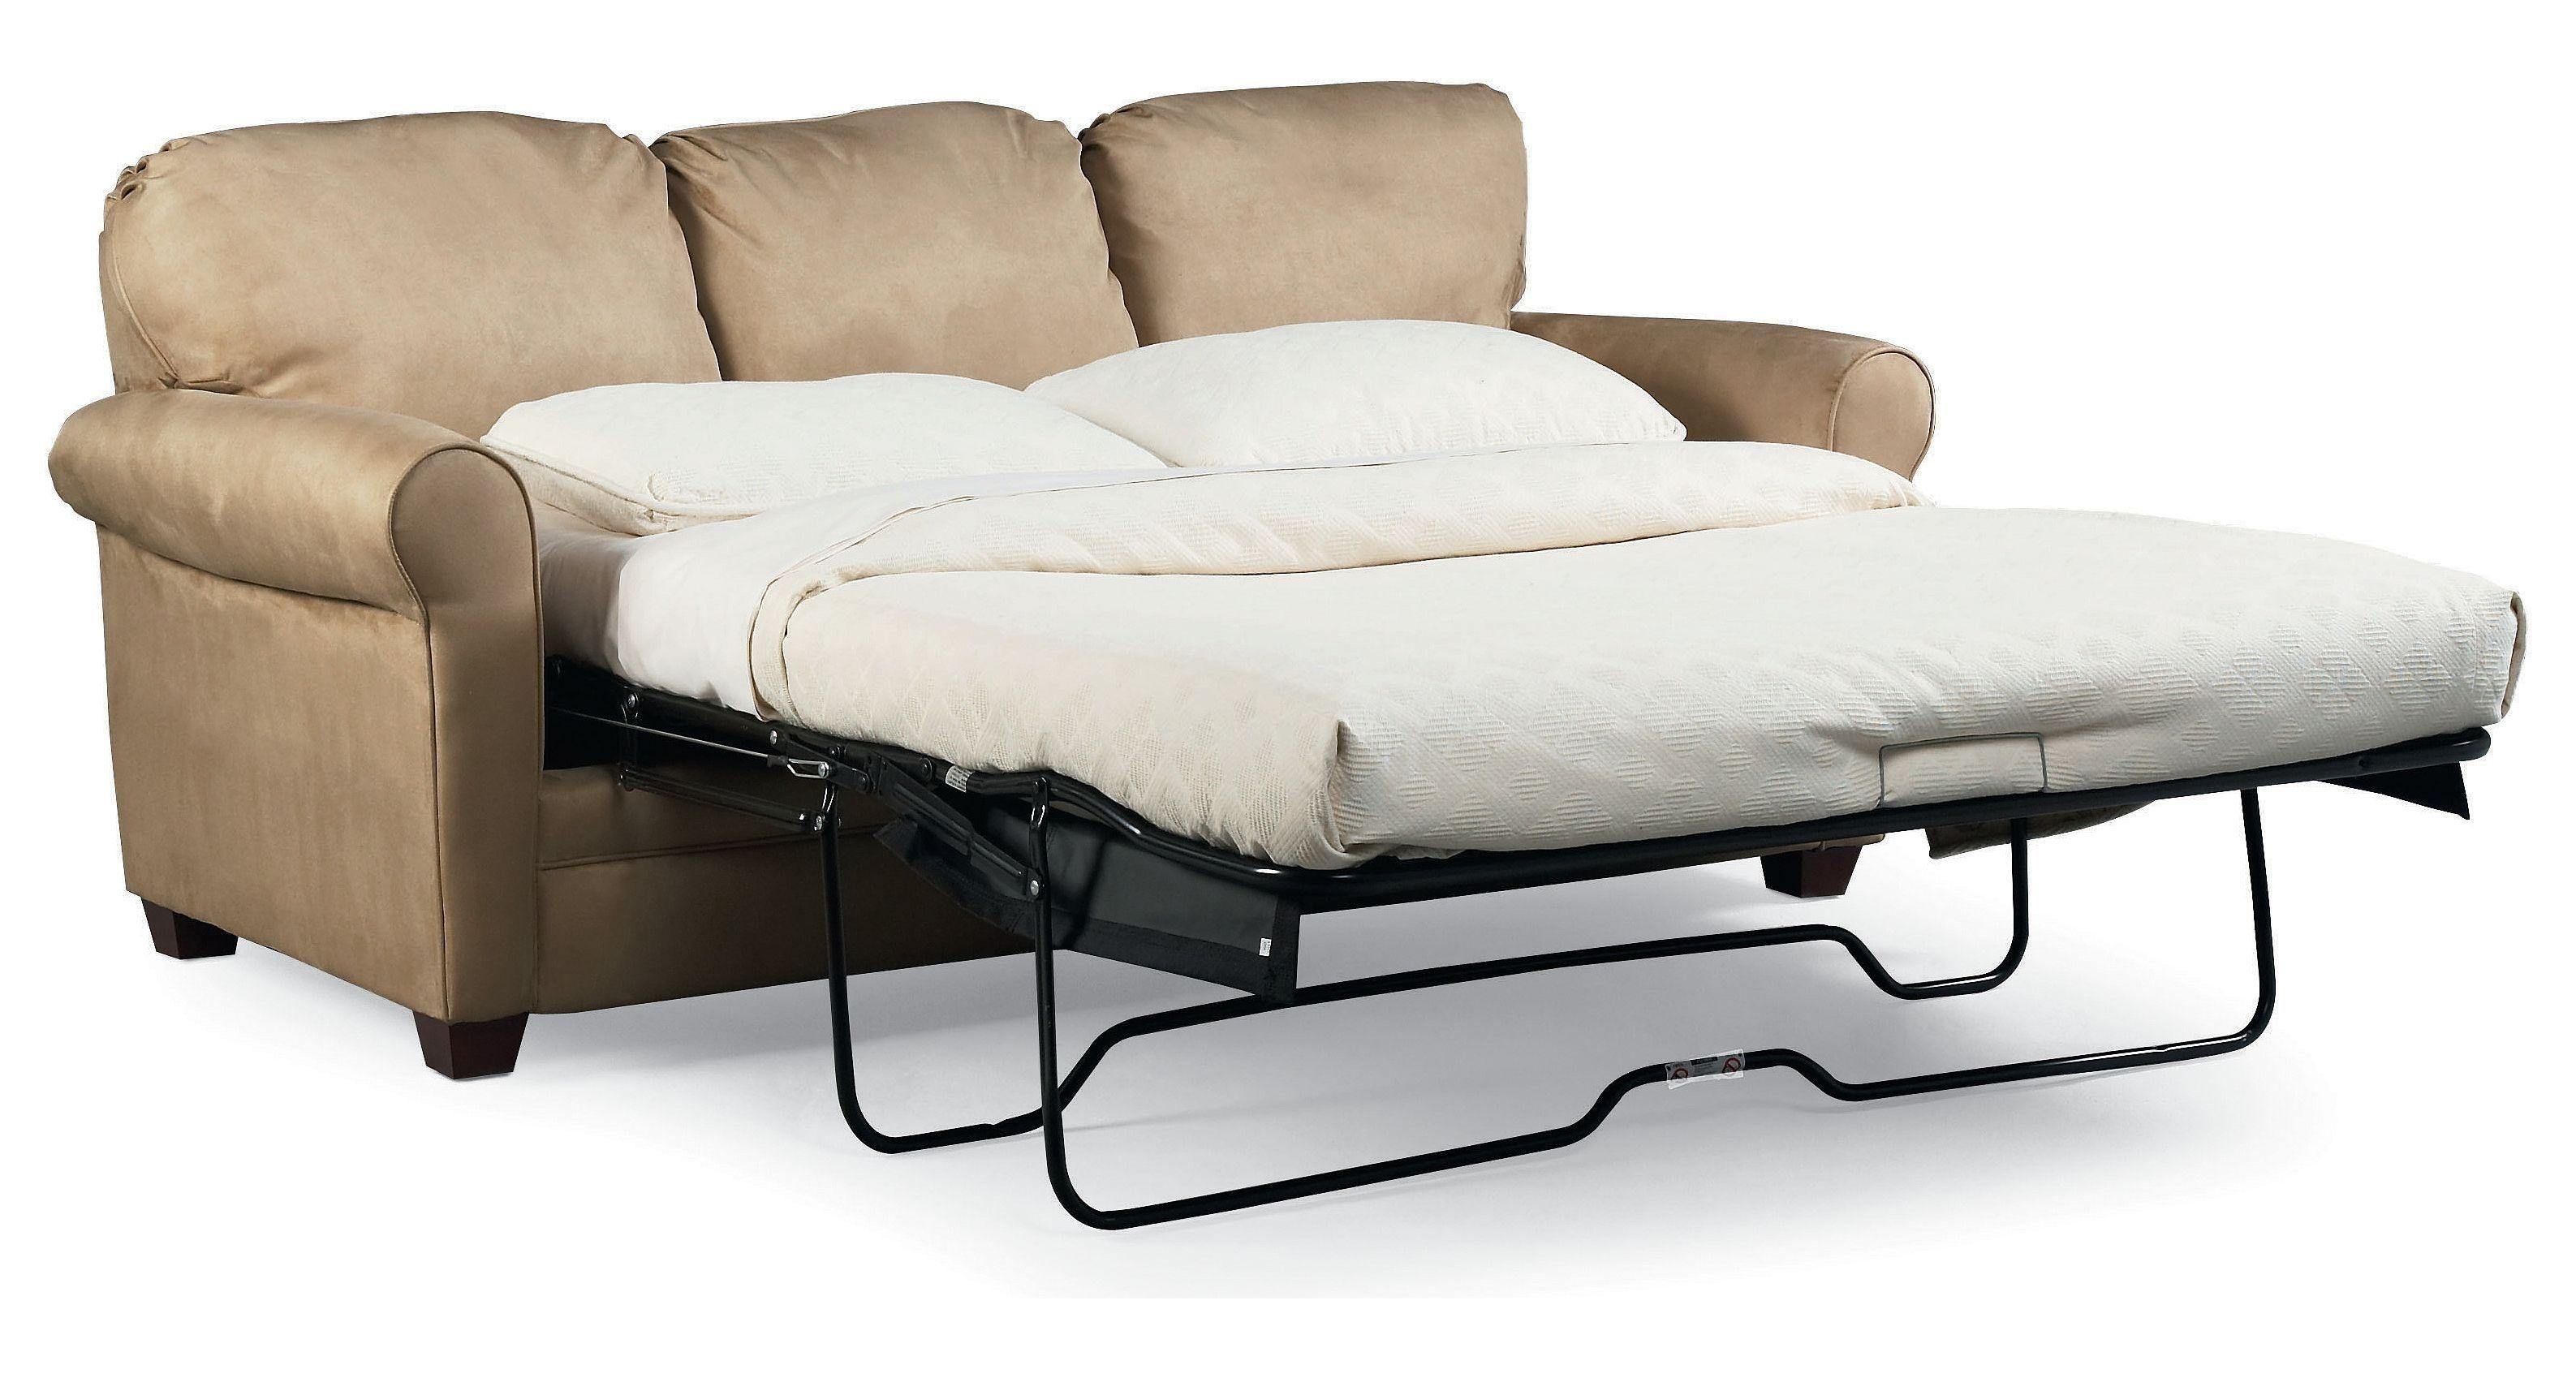 Más de 25 ideas increbles sobre Queen size sleeper sofa en